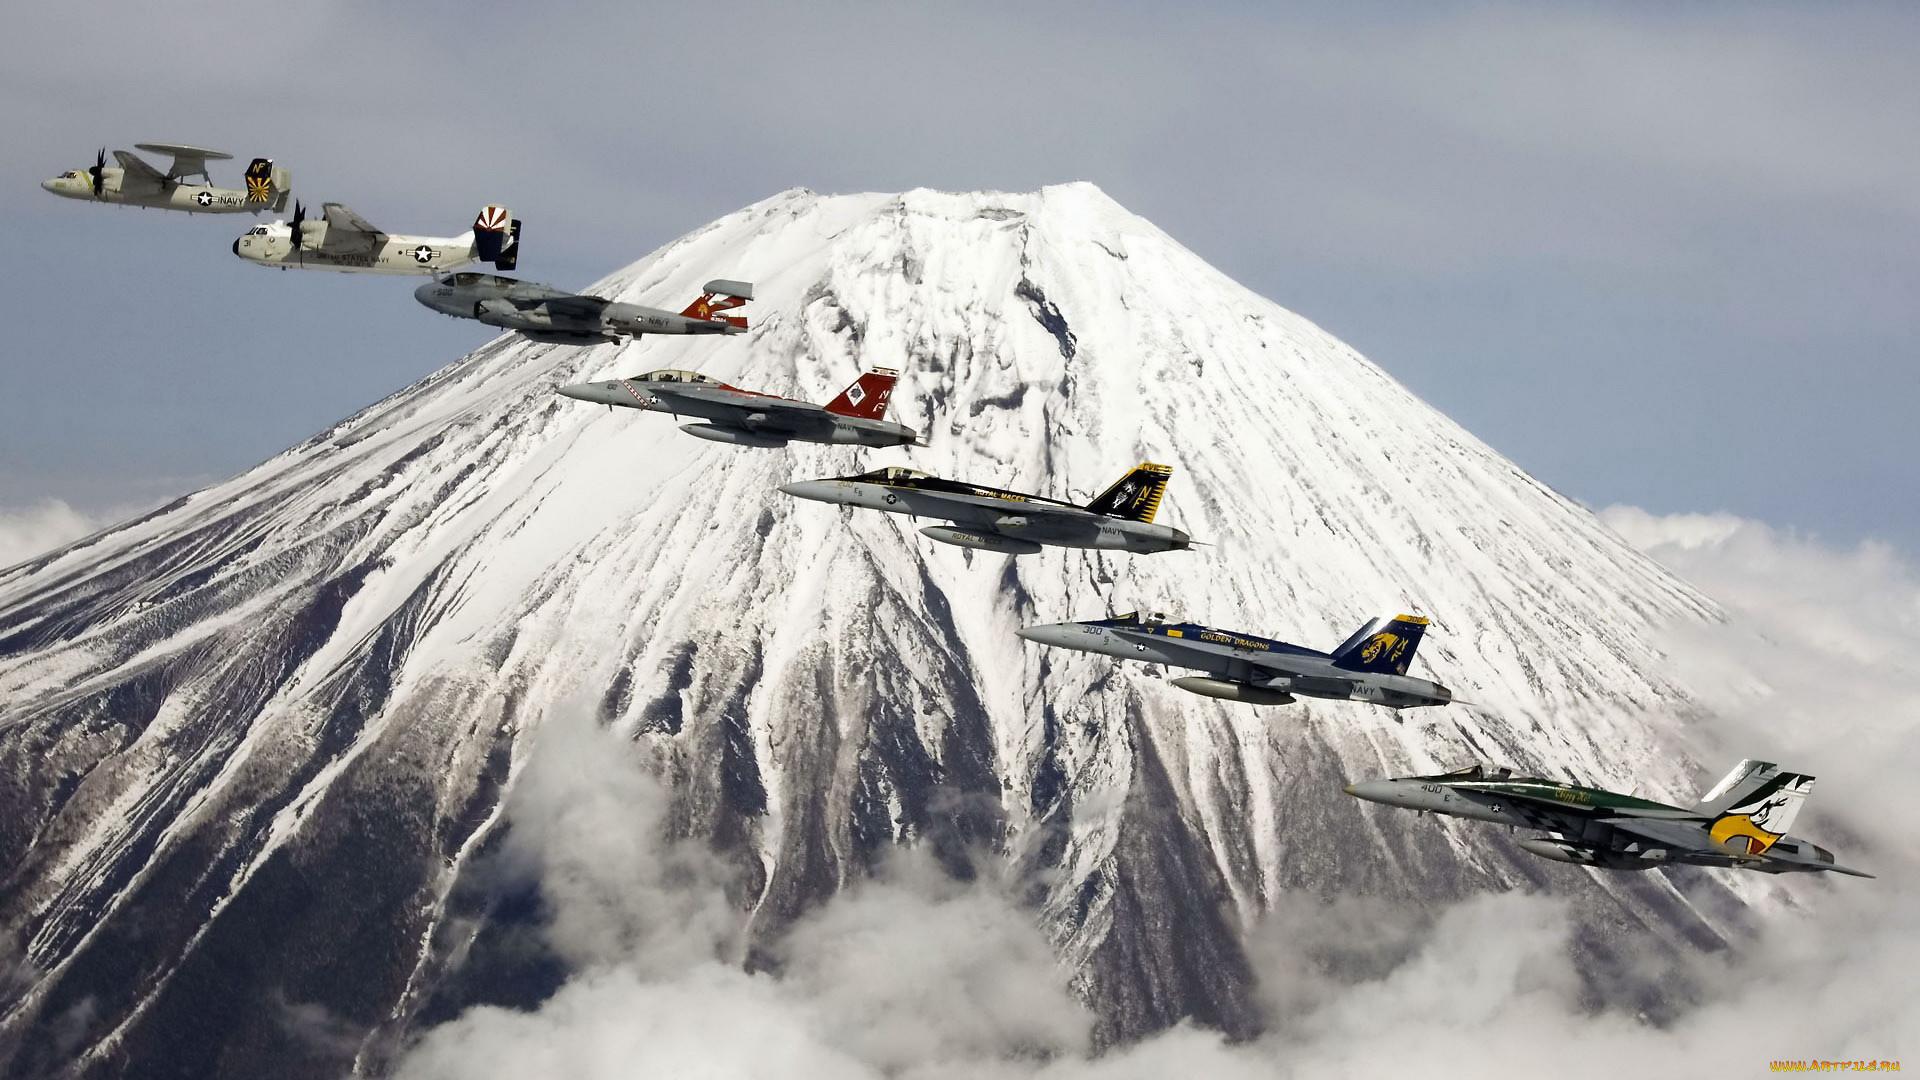 вытянут вглубь фото боевых самолетов над горами является авторизованным дилером